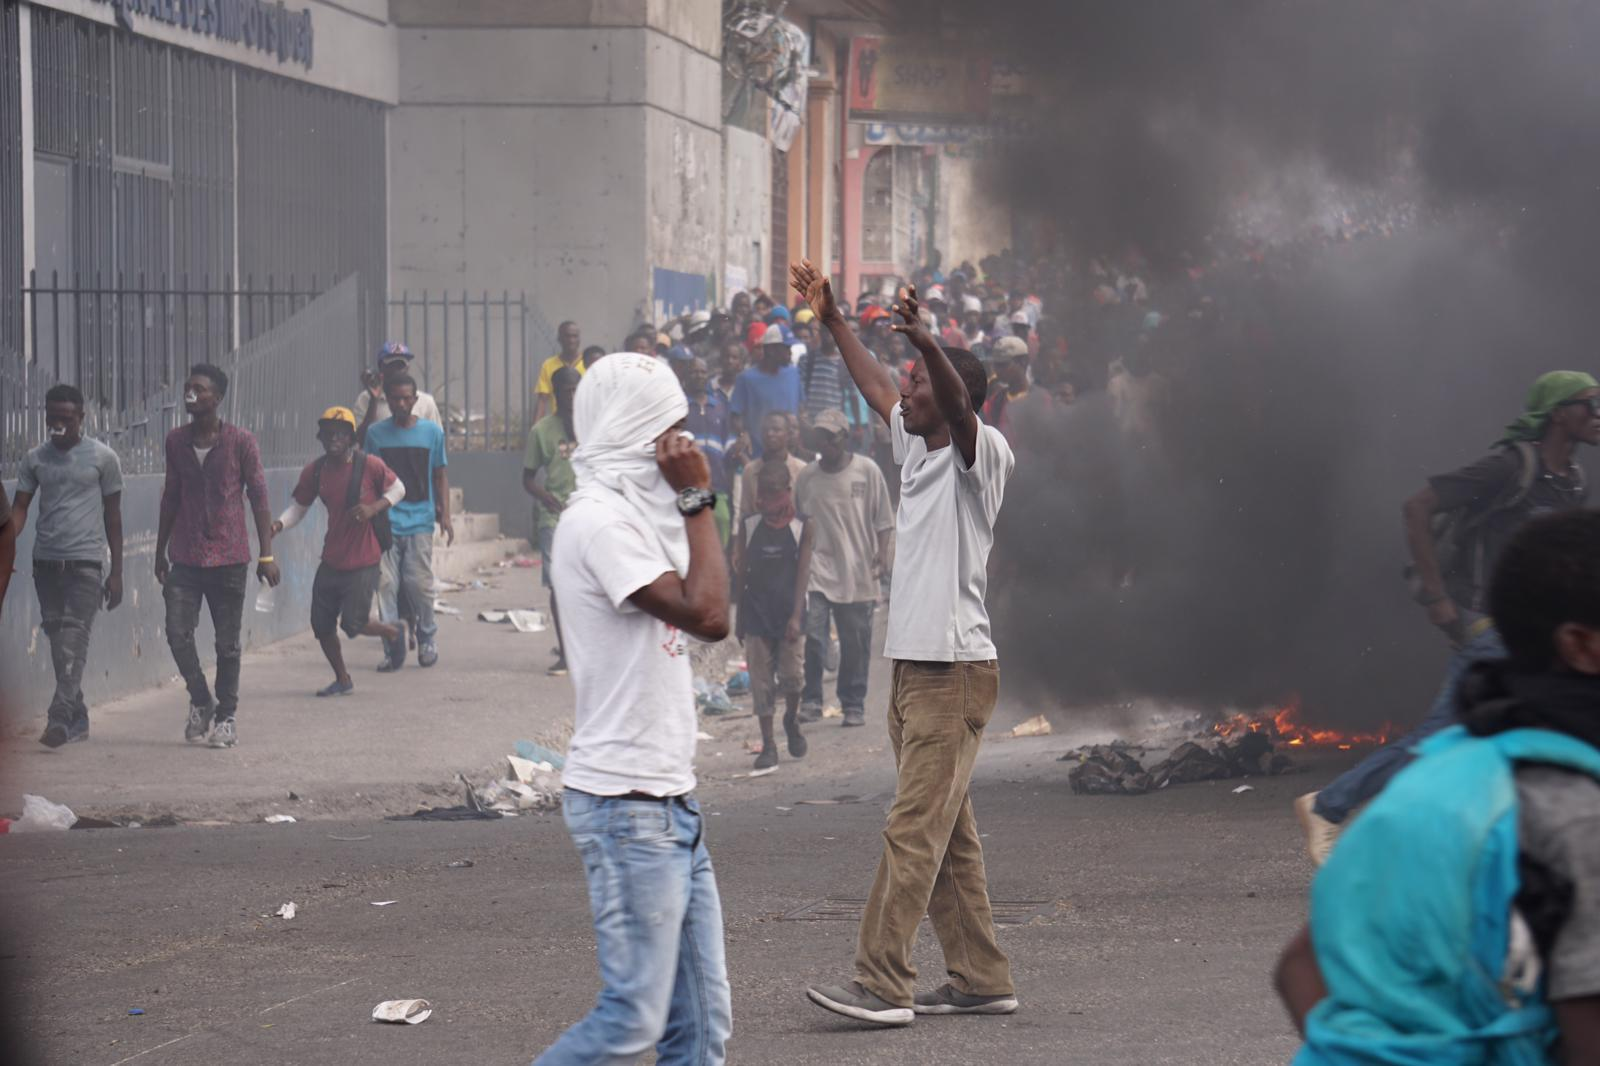 Des manifestants dans les rues de la capitale / Photo: Steven Aristil